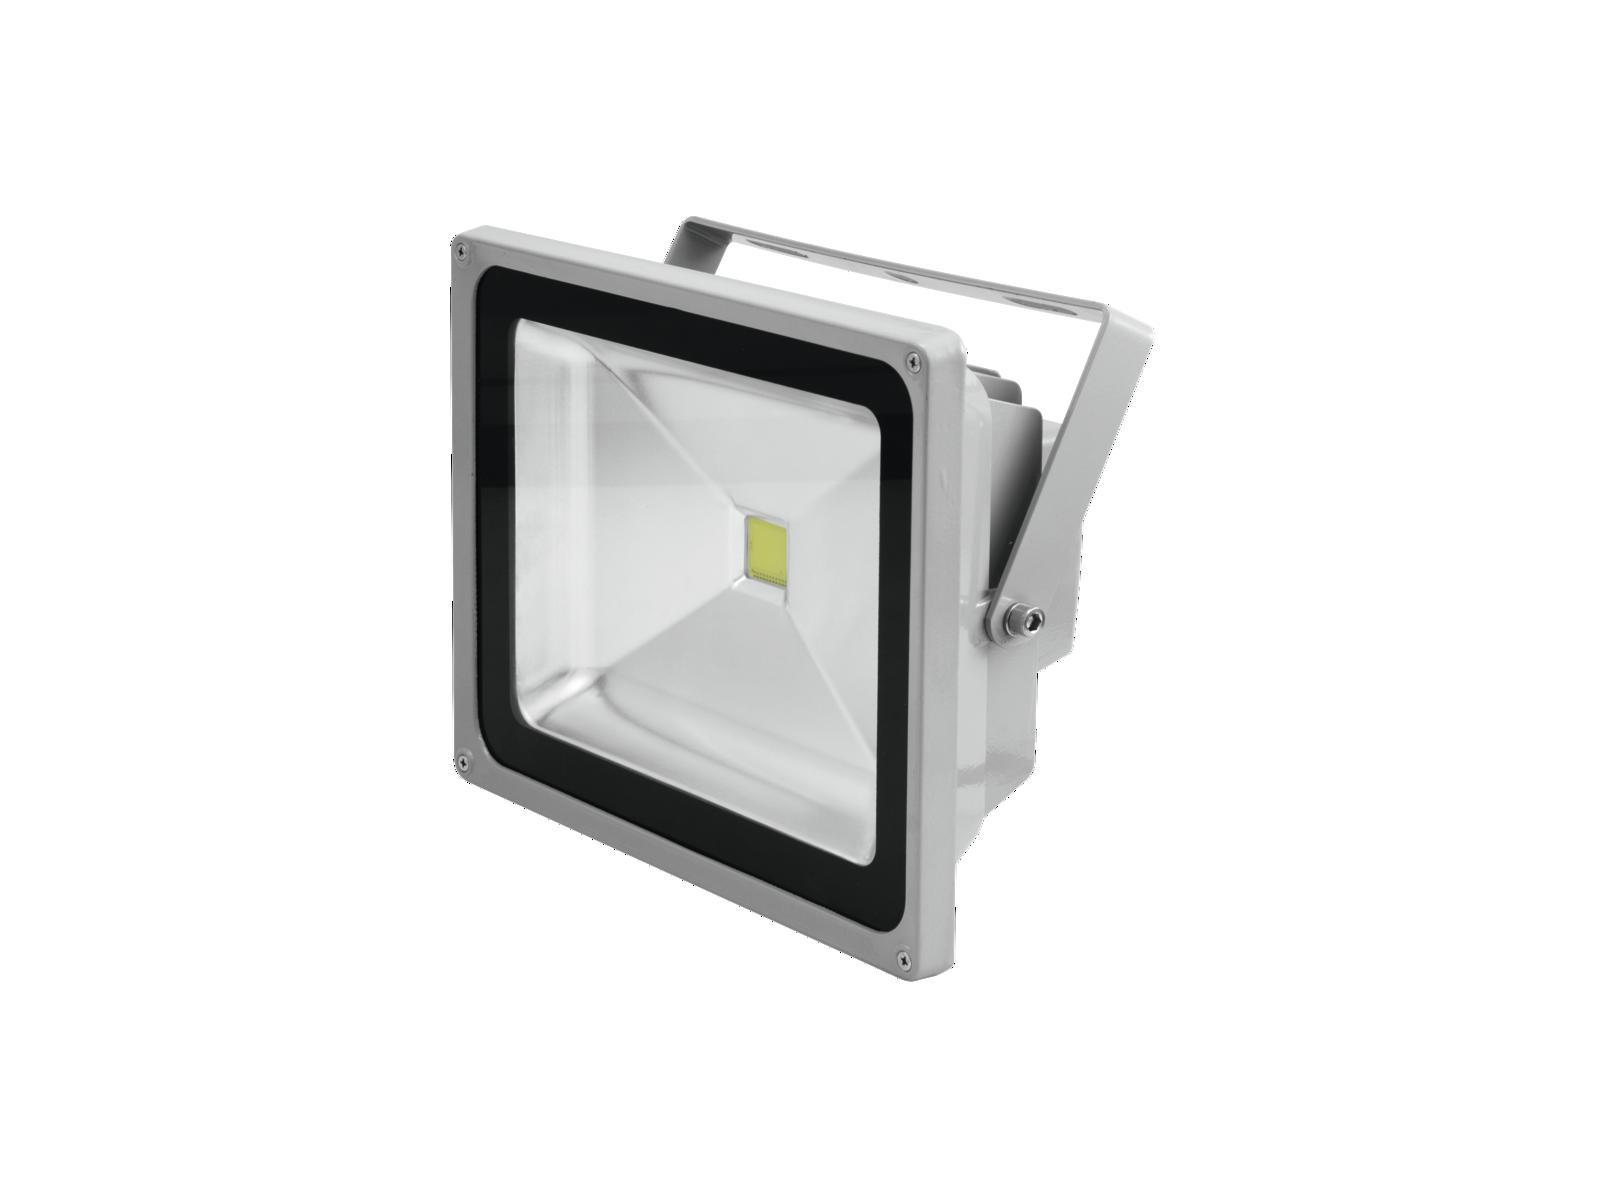 Eurolite LED reflektor IP FL-1x 30W COB 3000K 120, IP54